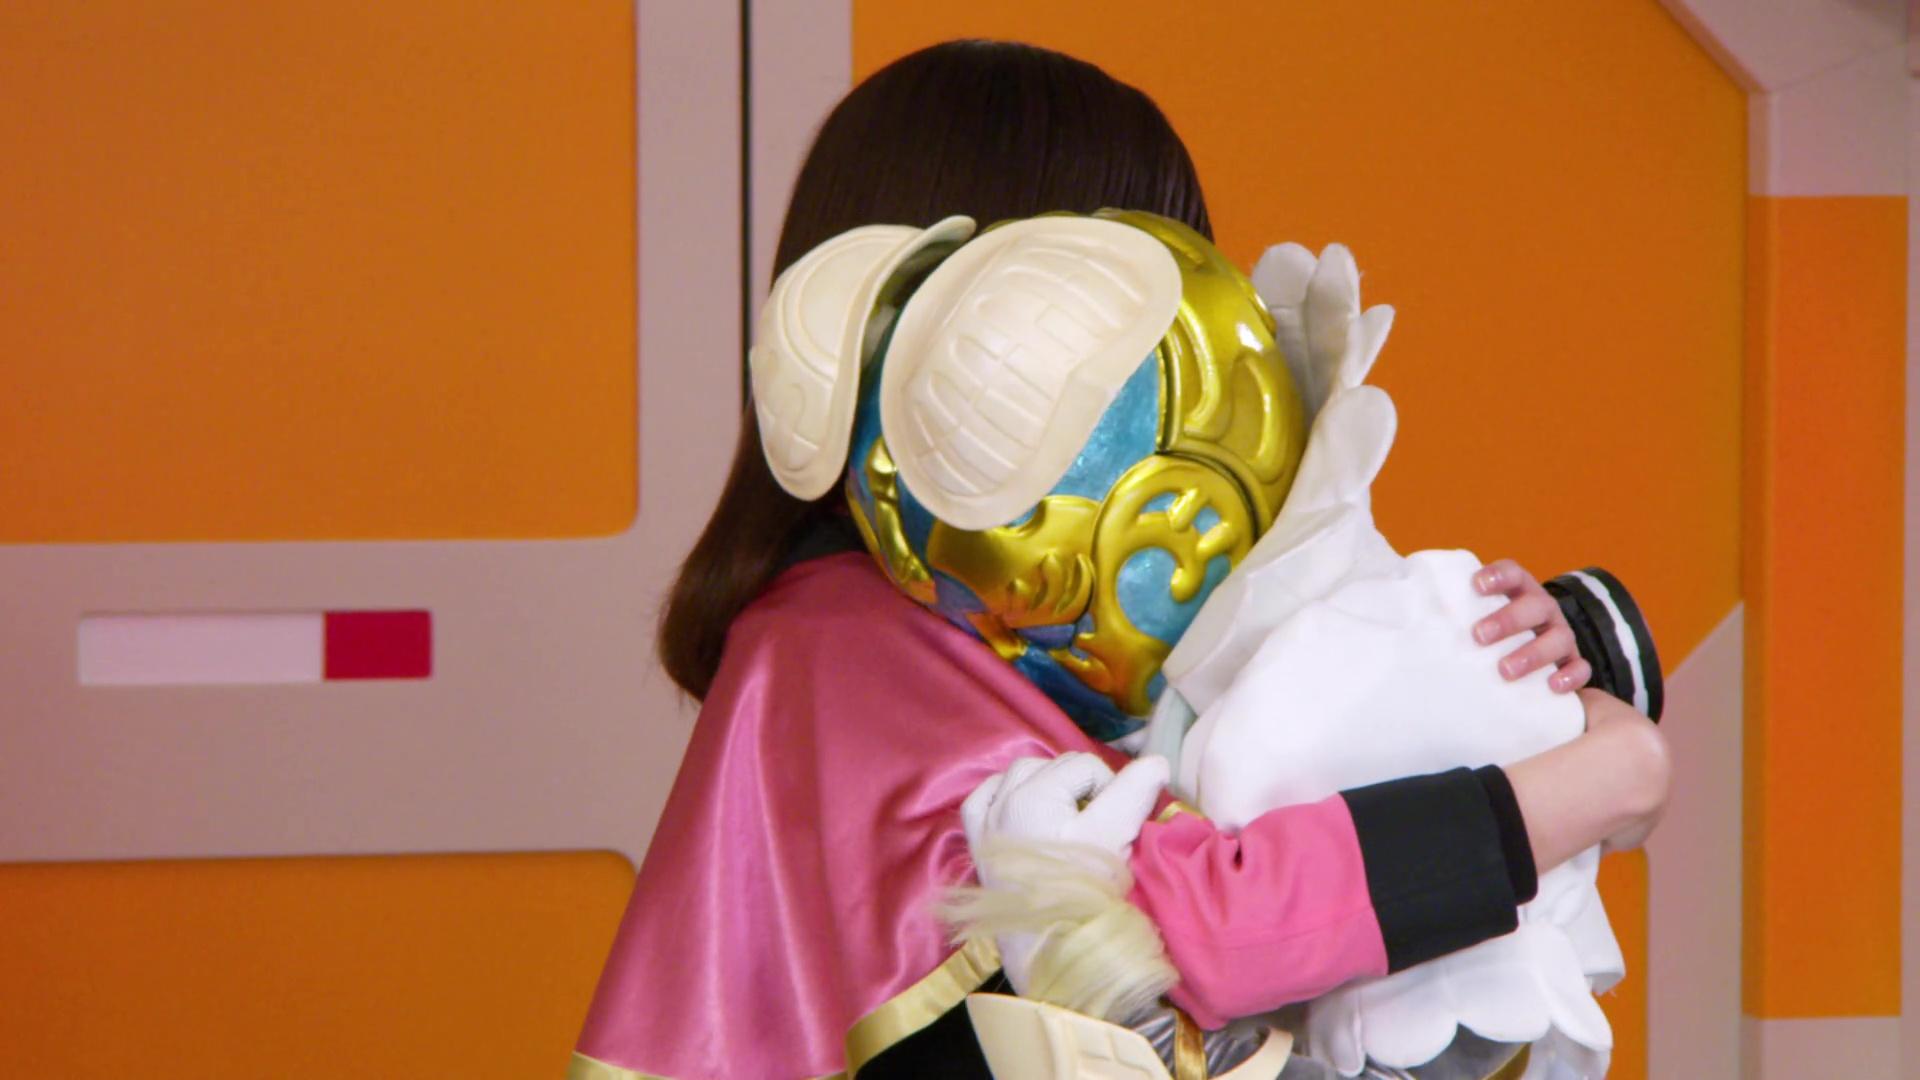 Mashin Sentai Kiramager Episode 4 Recap